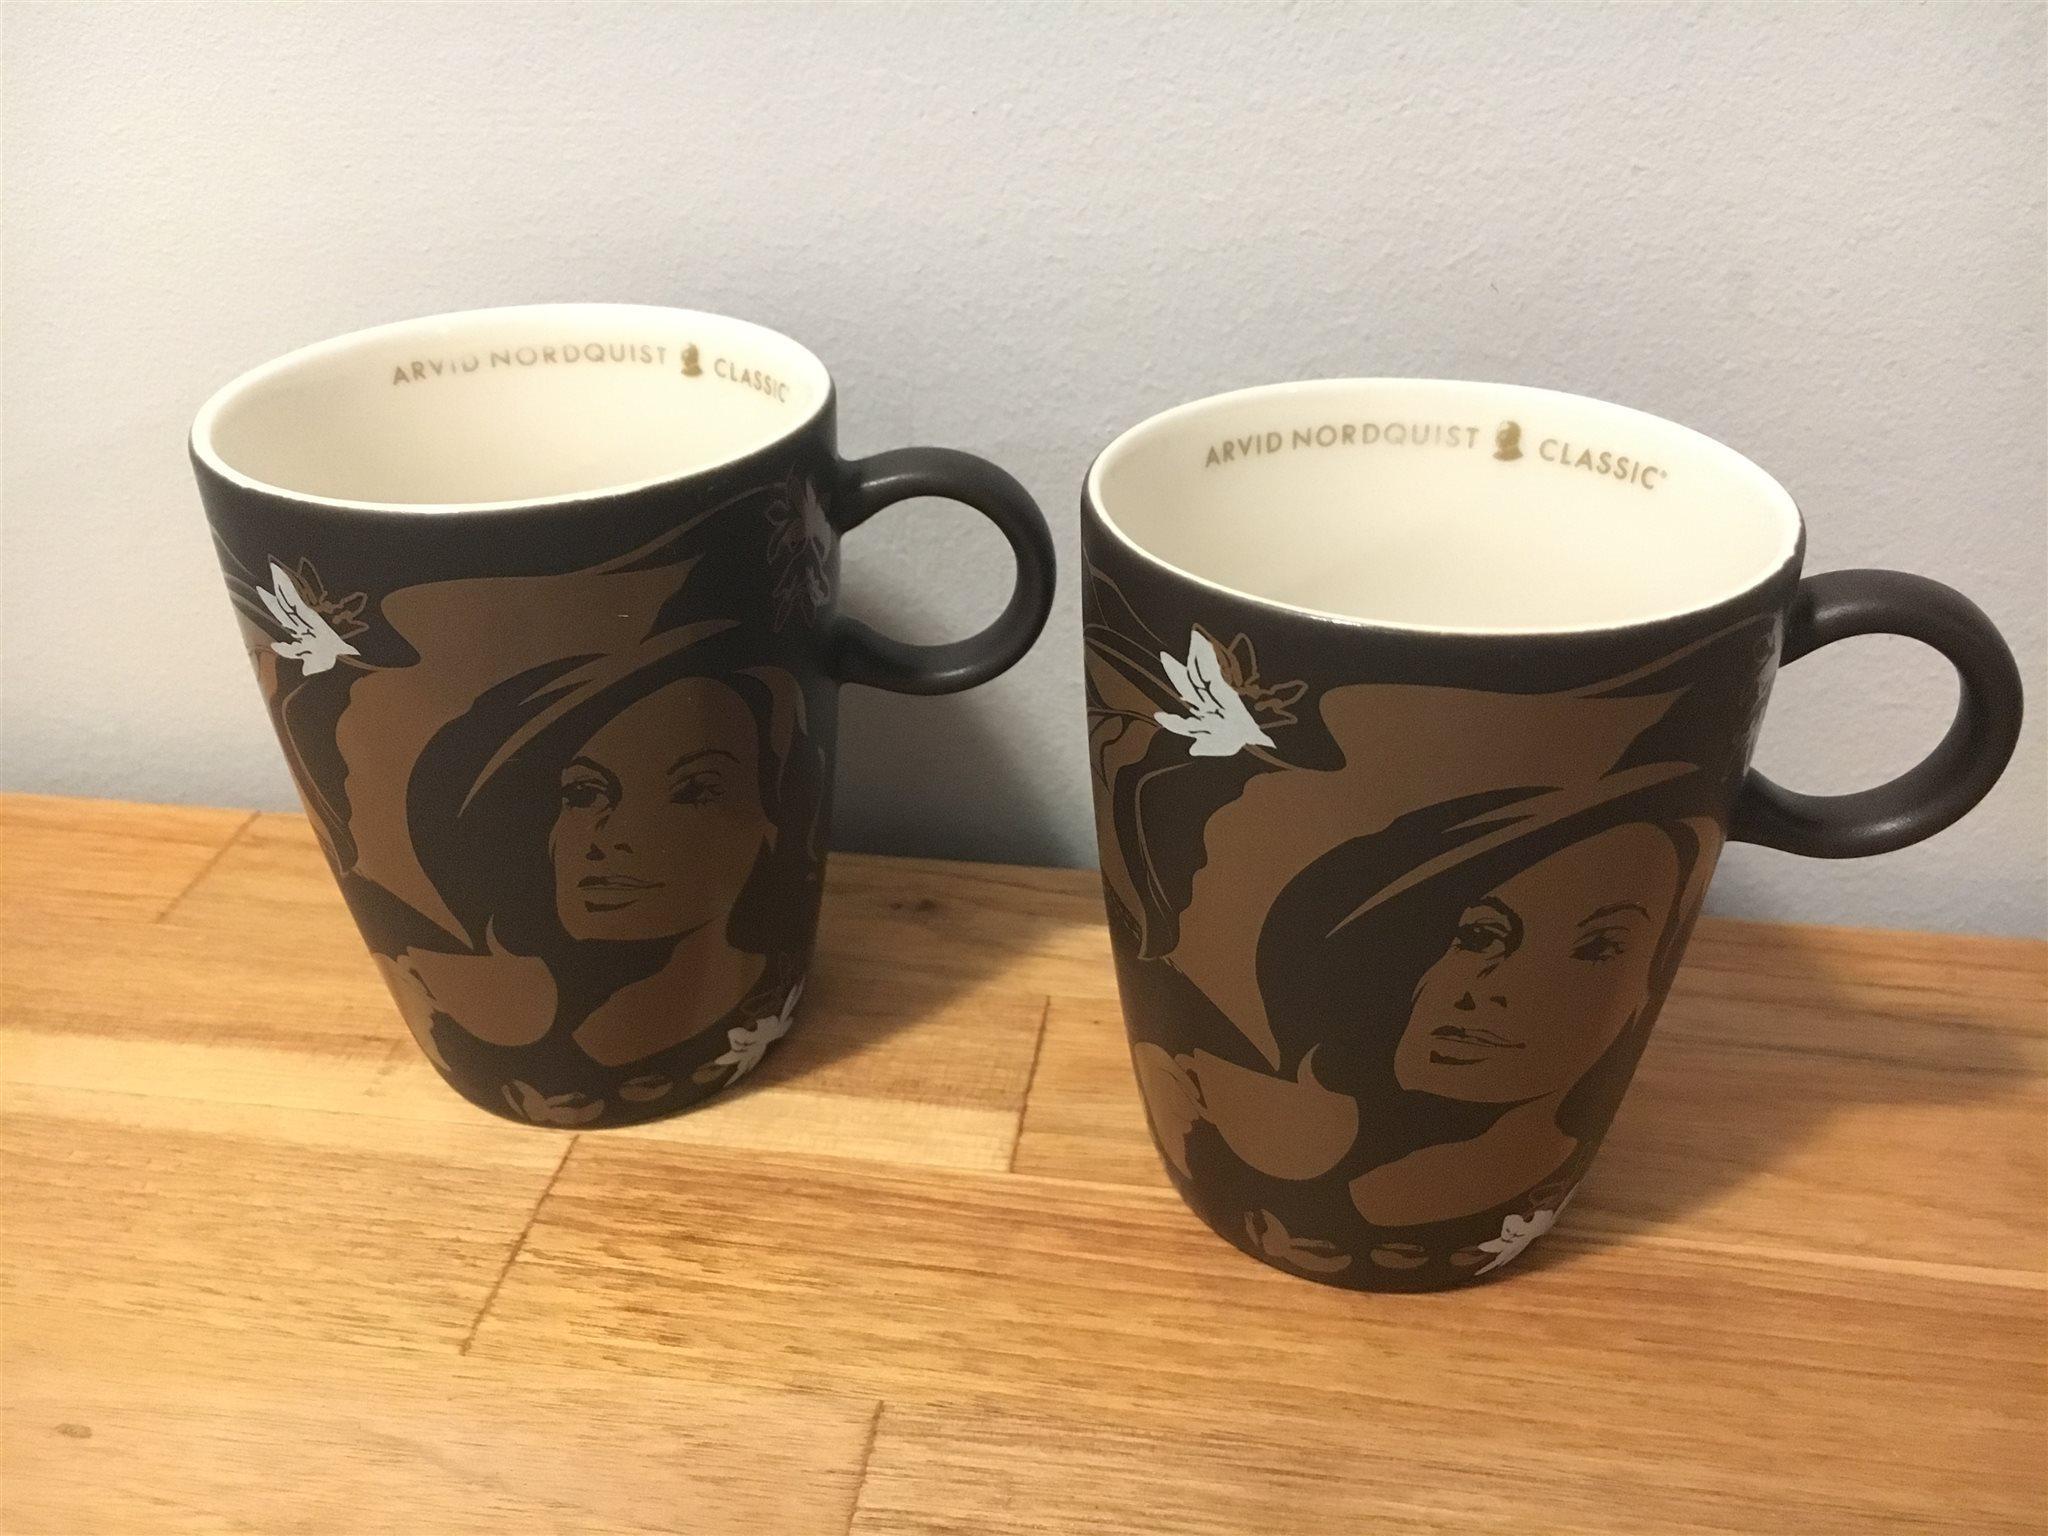 arvid nordquist kaffekopp